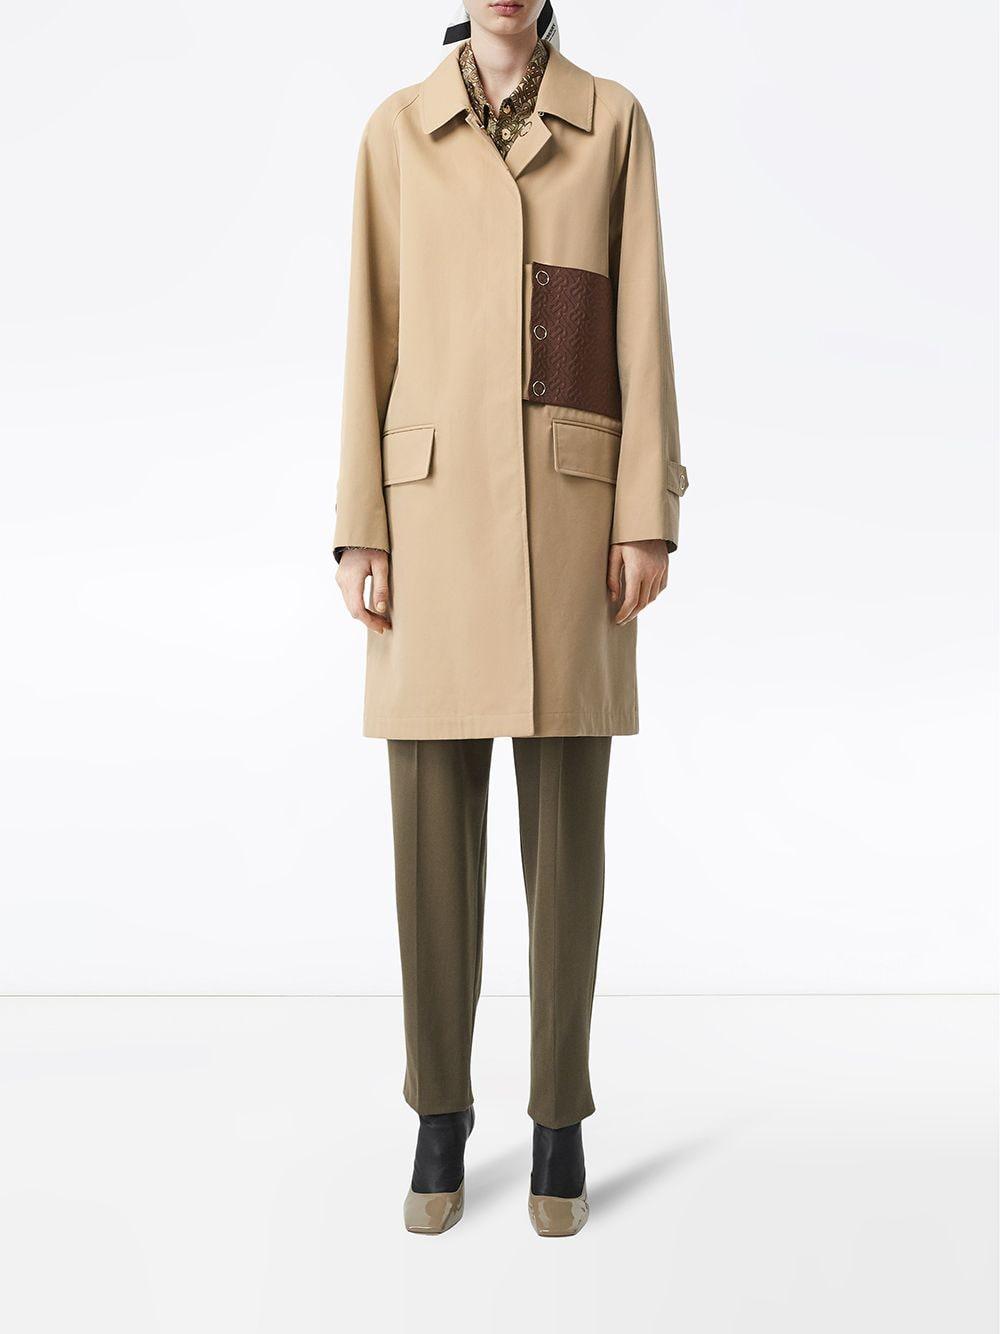 cream Bodmina trench coat in English-woven cotton gabardine BURBERRY |  | 8014410-BODMINA1366